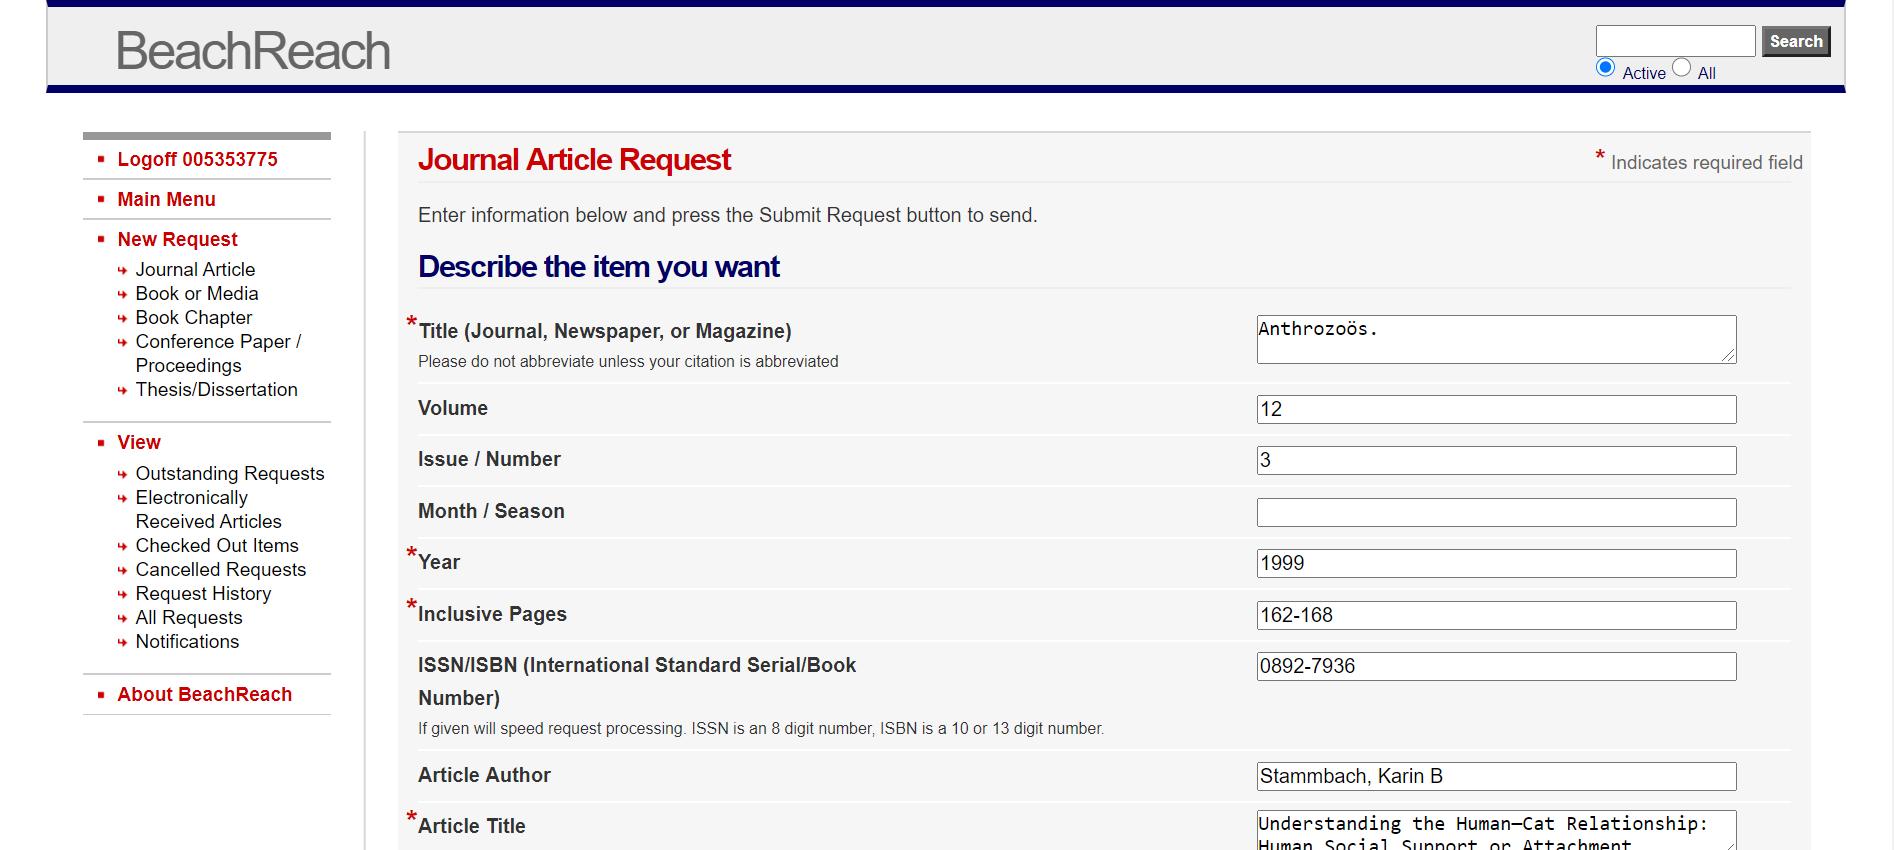 Screenshot of a BeachReach online request form